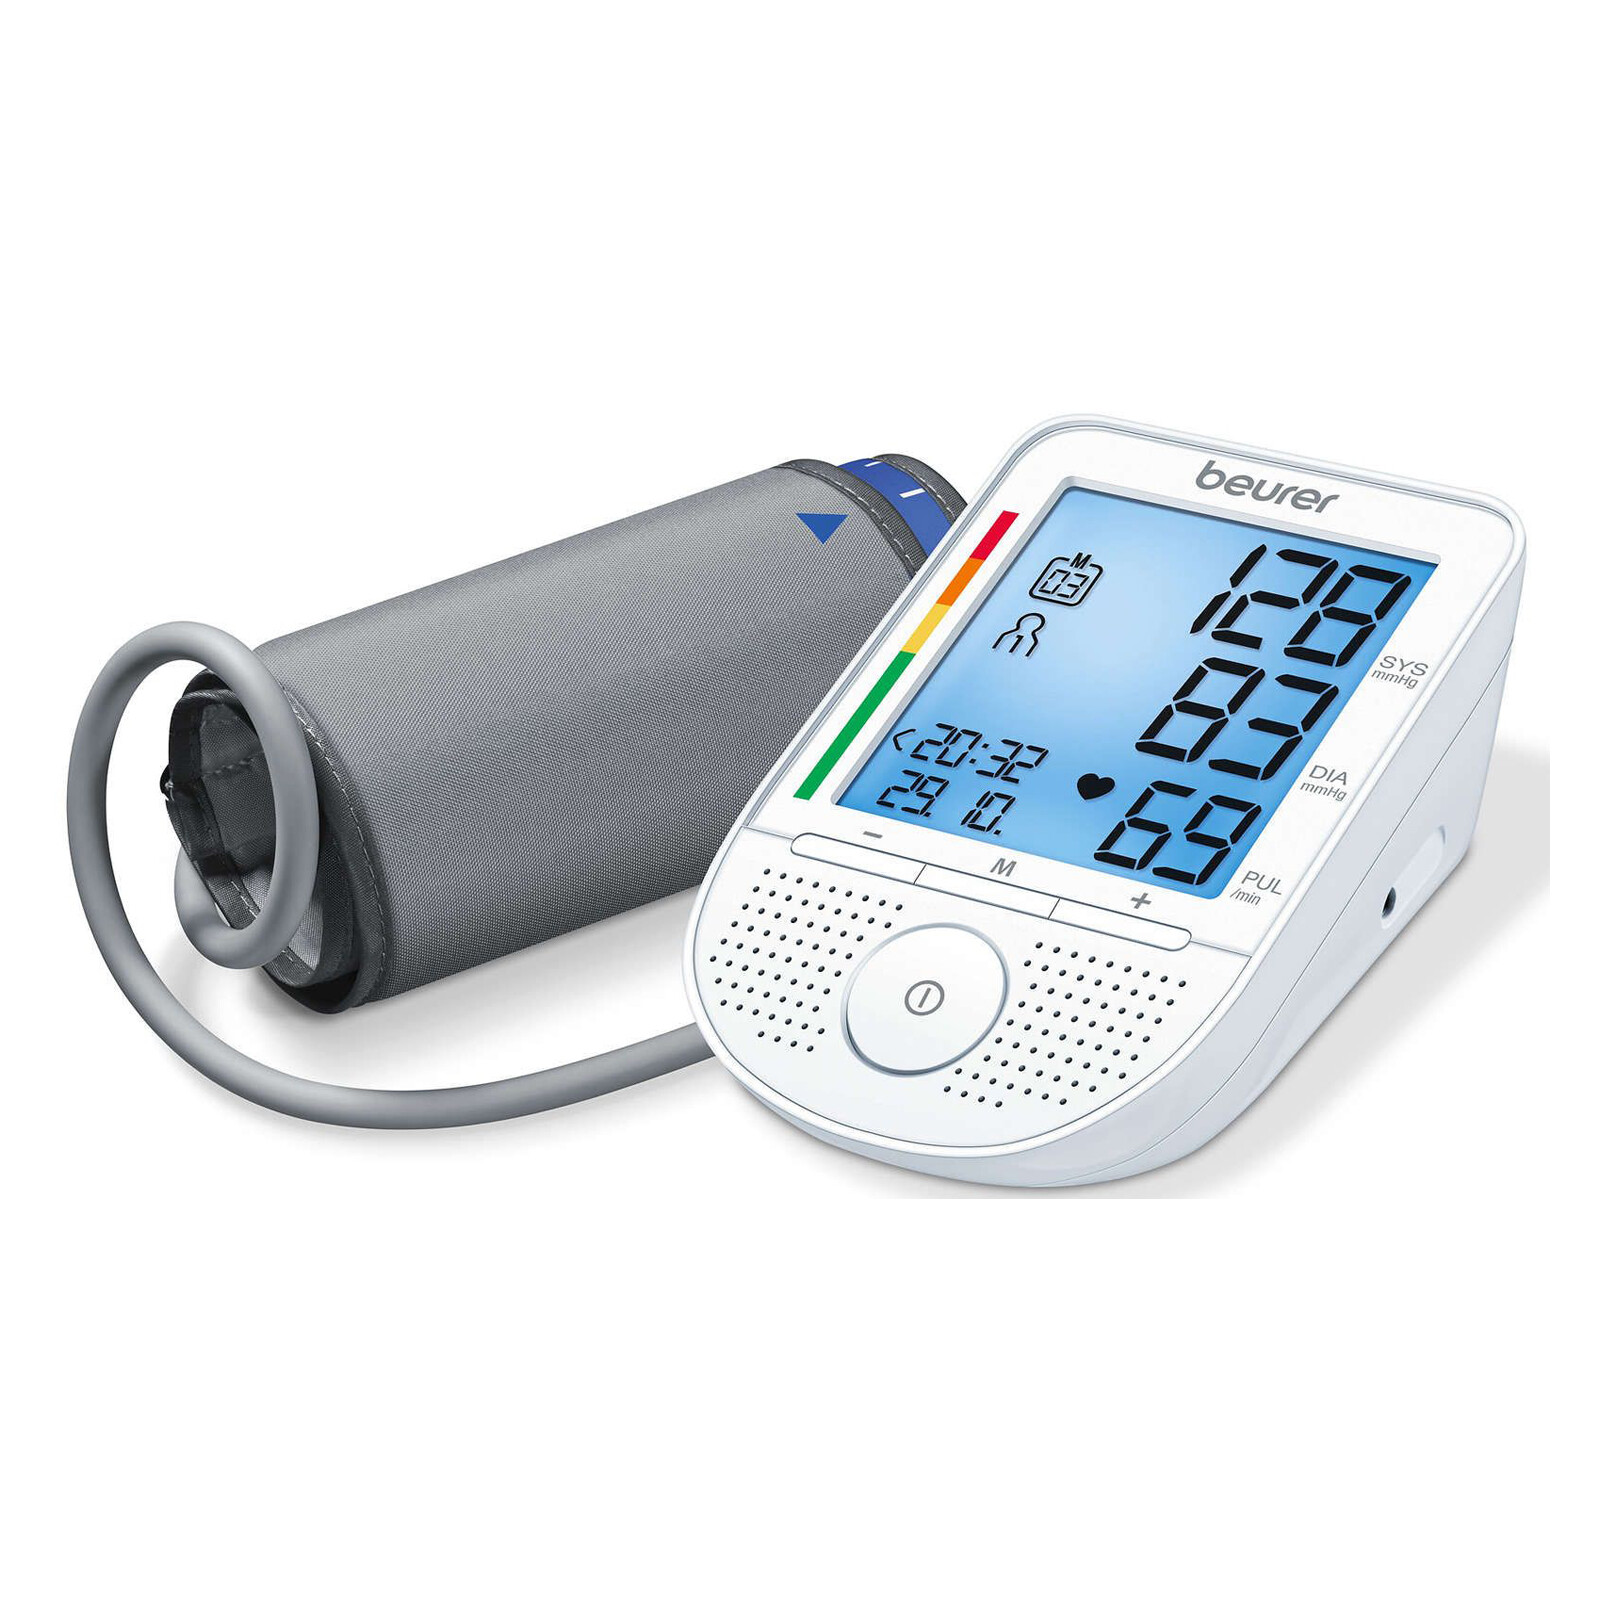 Beurer BM 49 Voice Blutdruckmessgerät Oberarm